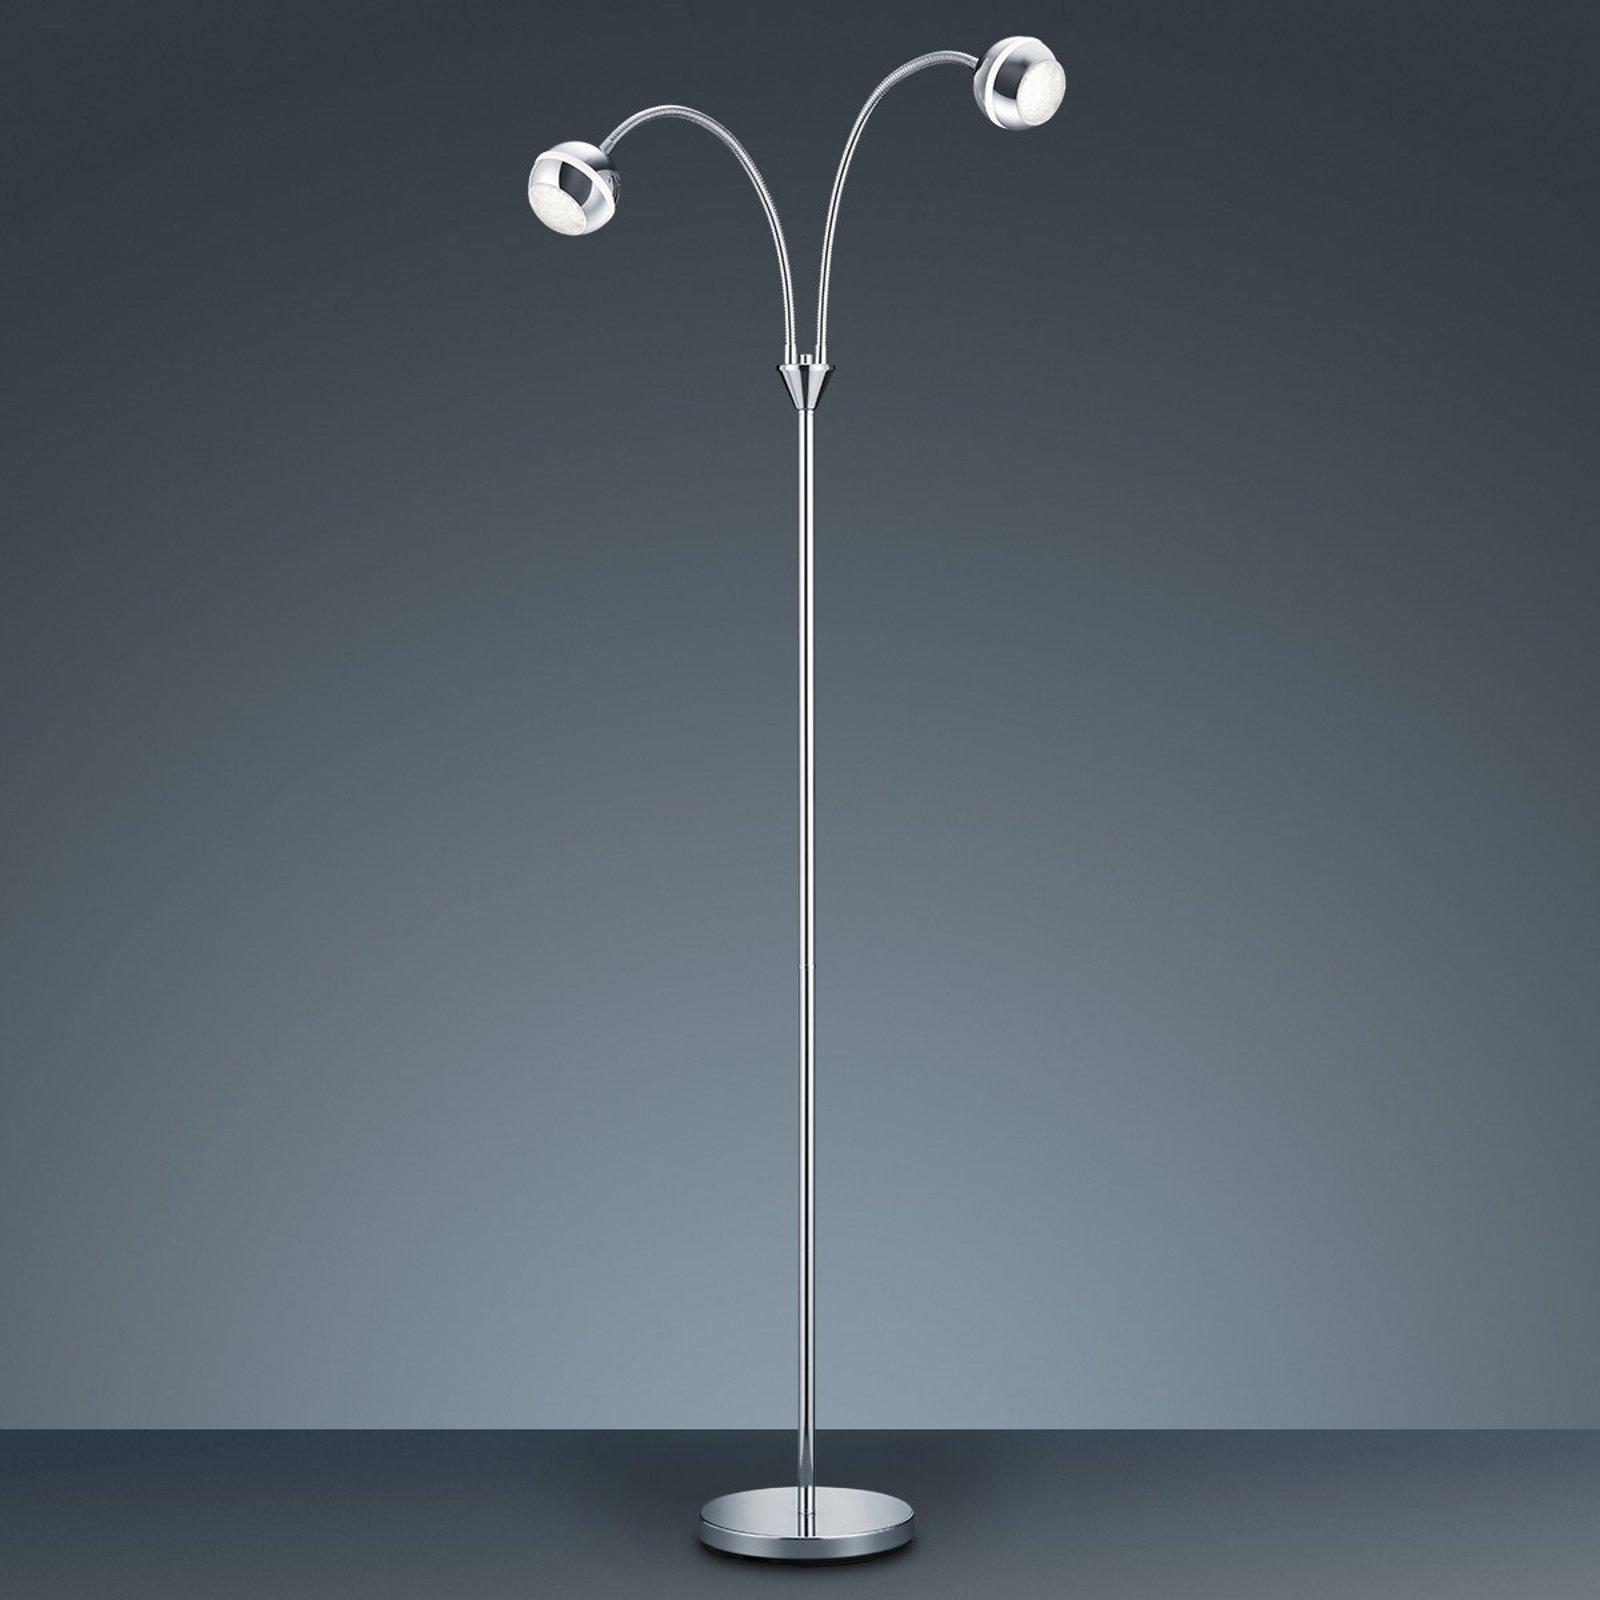 Topunkt LED-stålampe Ada